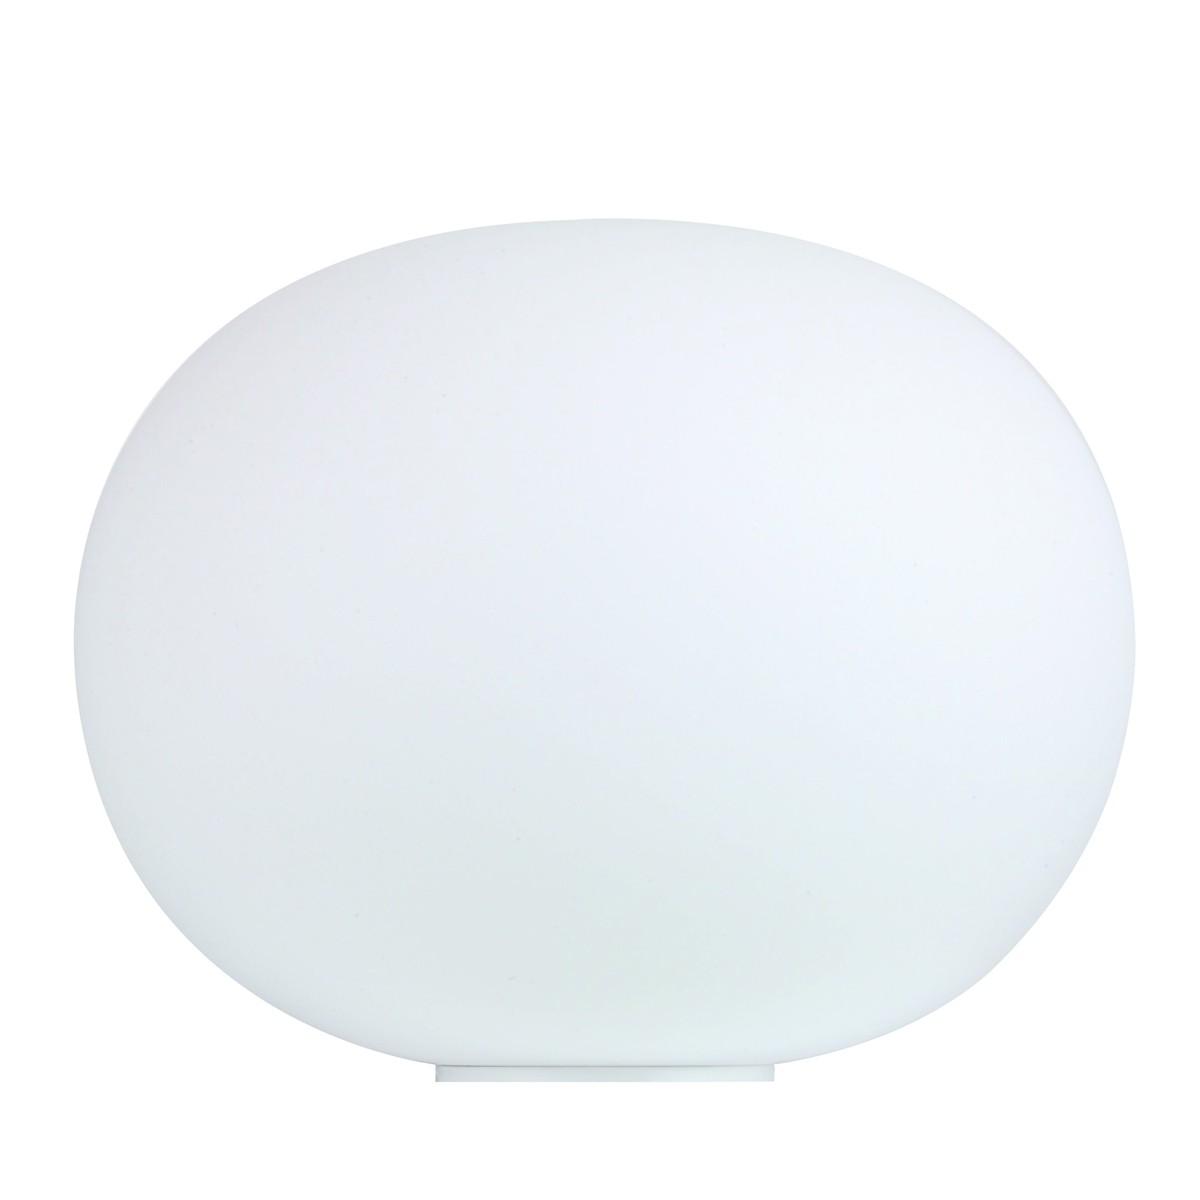 Flos Glo-Ball Basic Tischleuchte, Ø: 45 cm, mit Dimmer